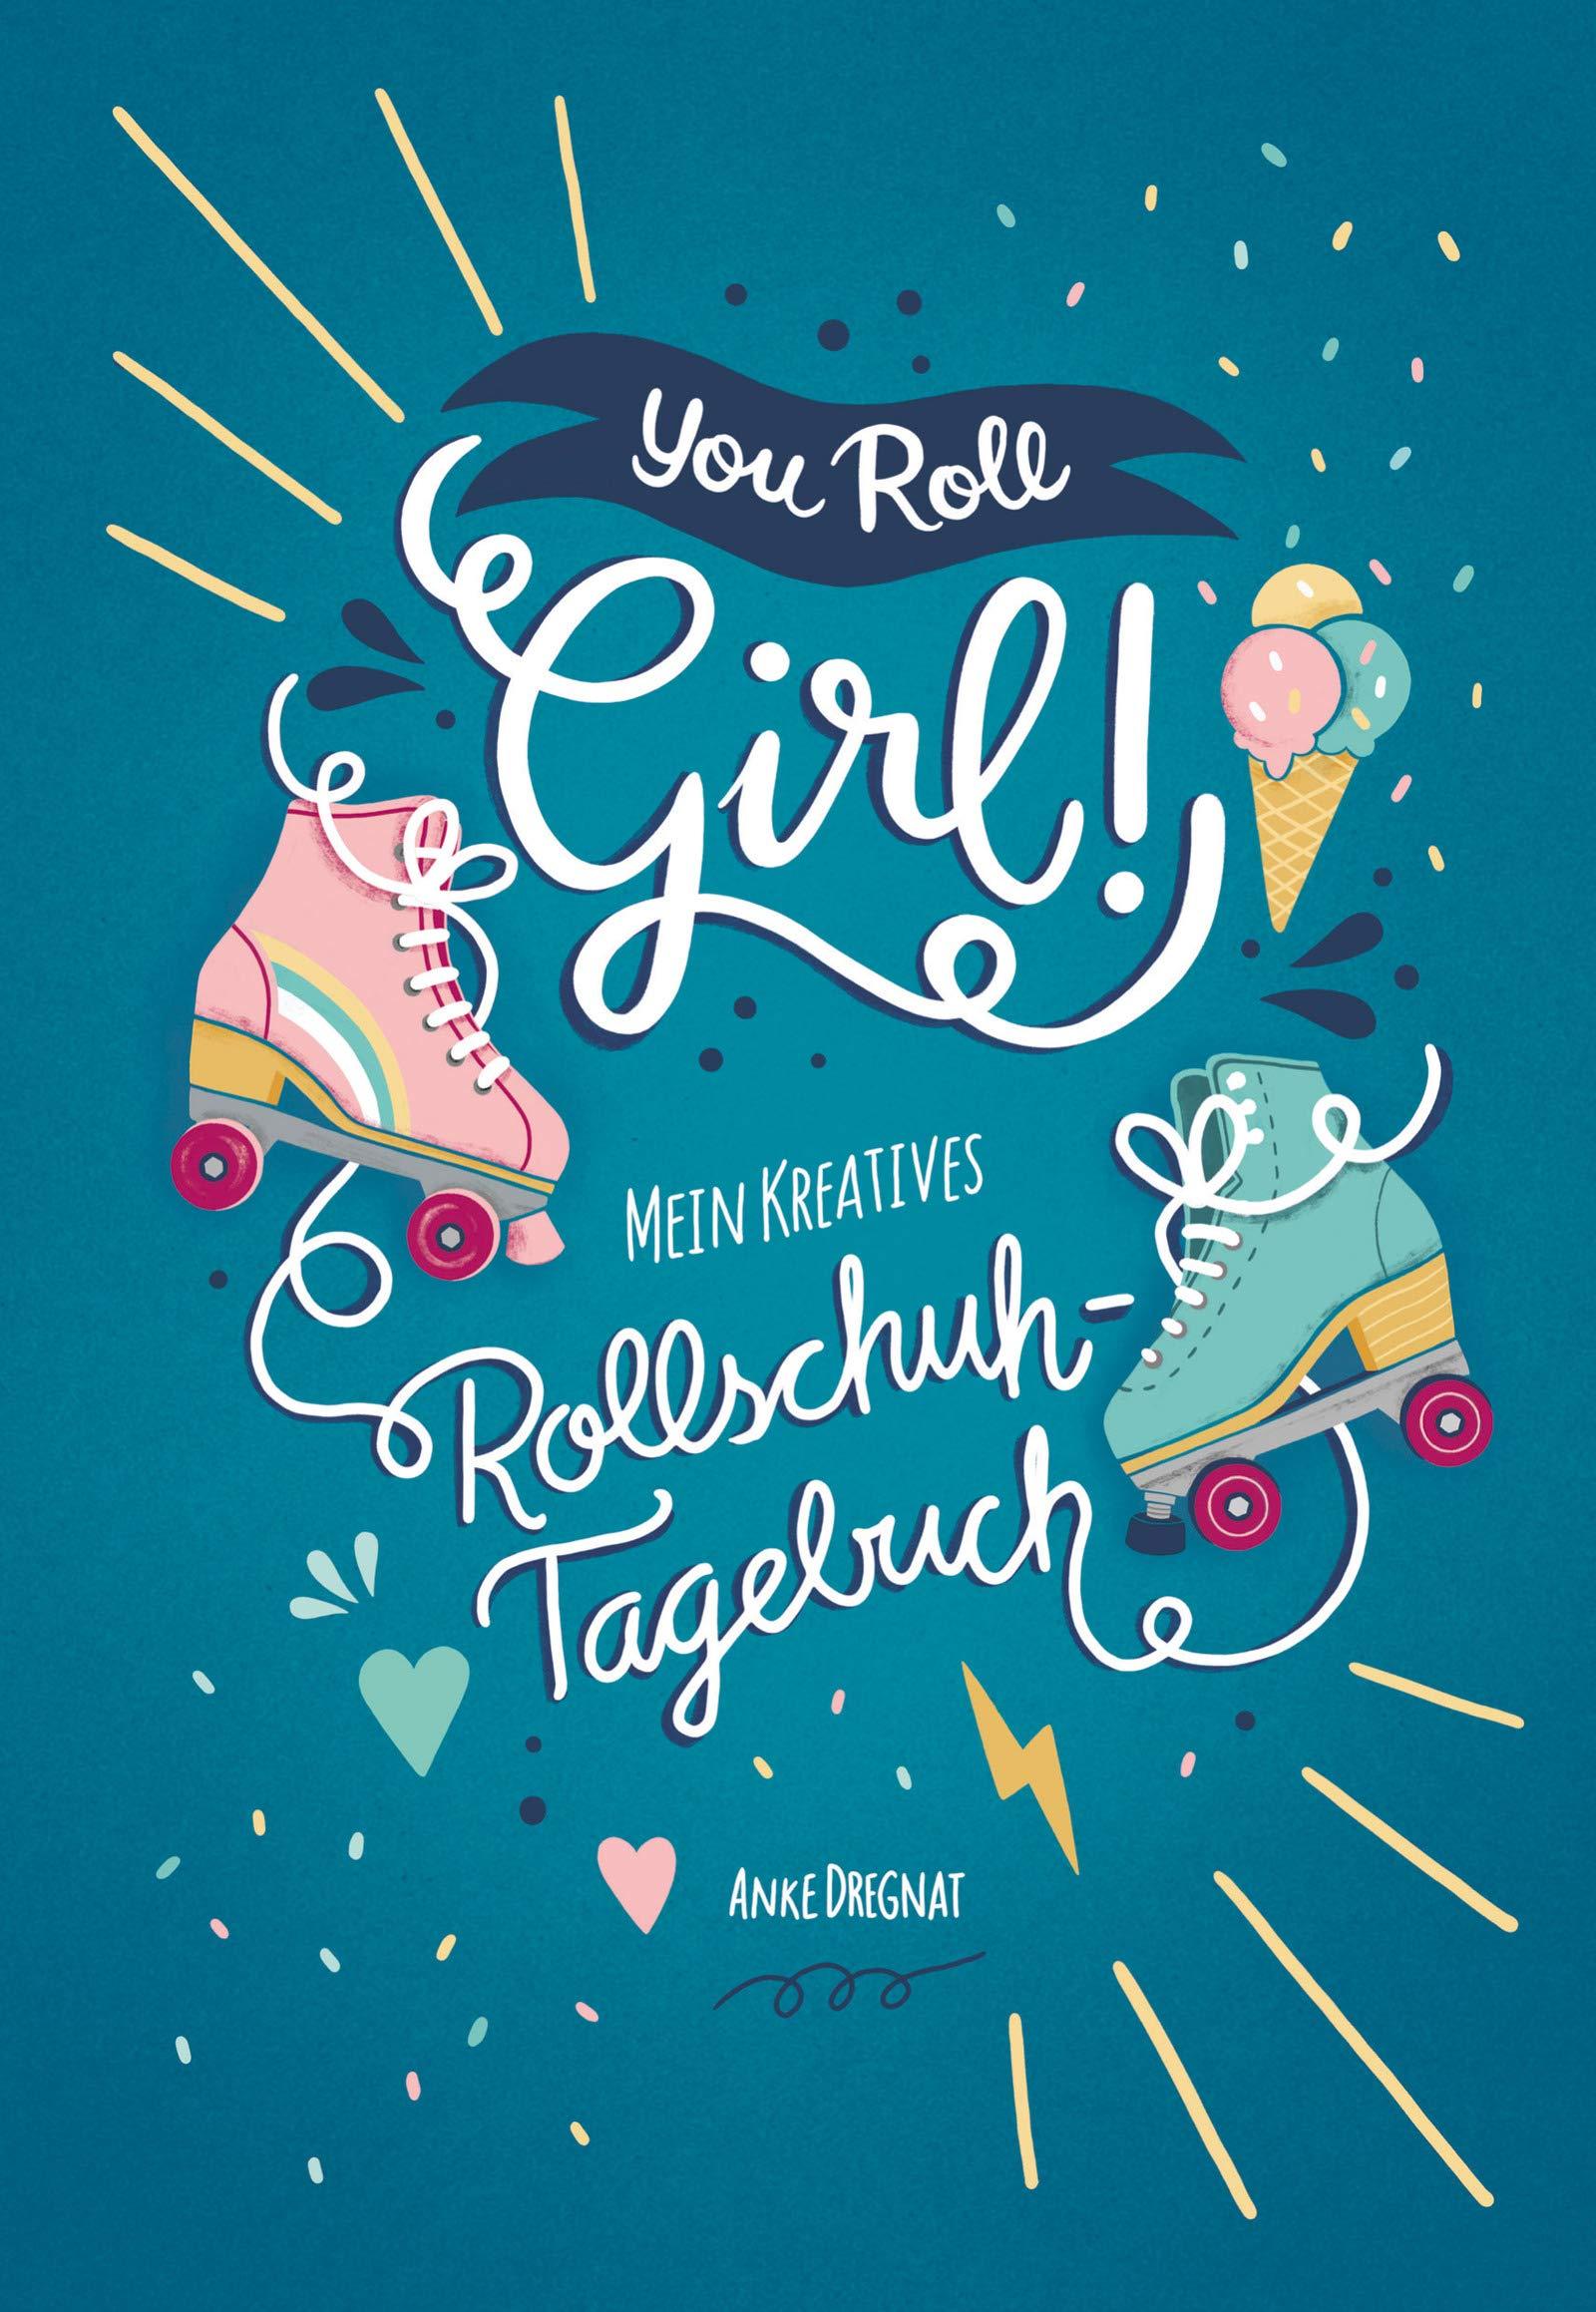 You Roll Girl!: Mein kreatives Rollschuh-Tagebuch